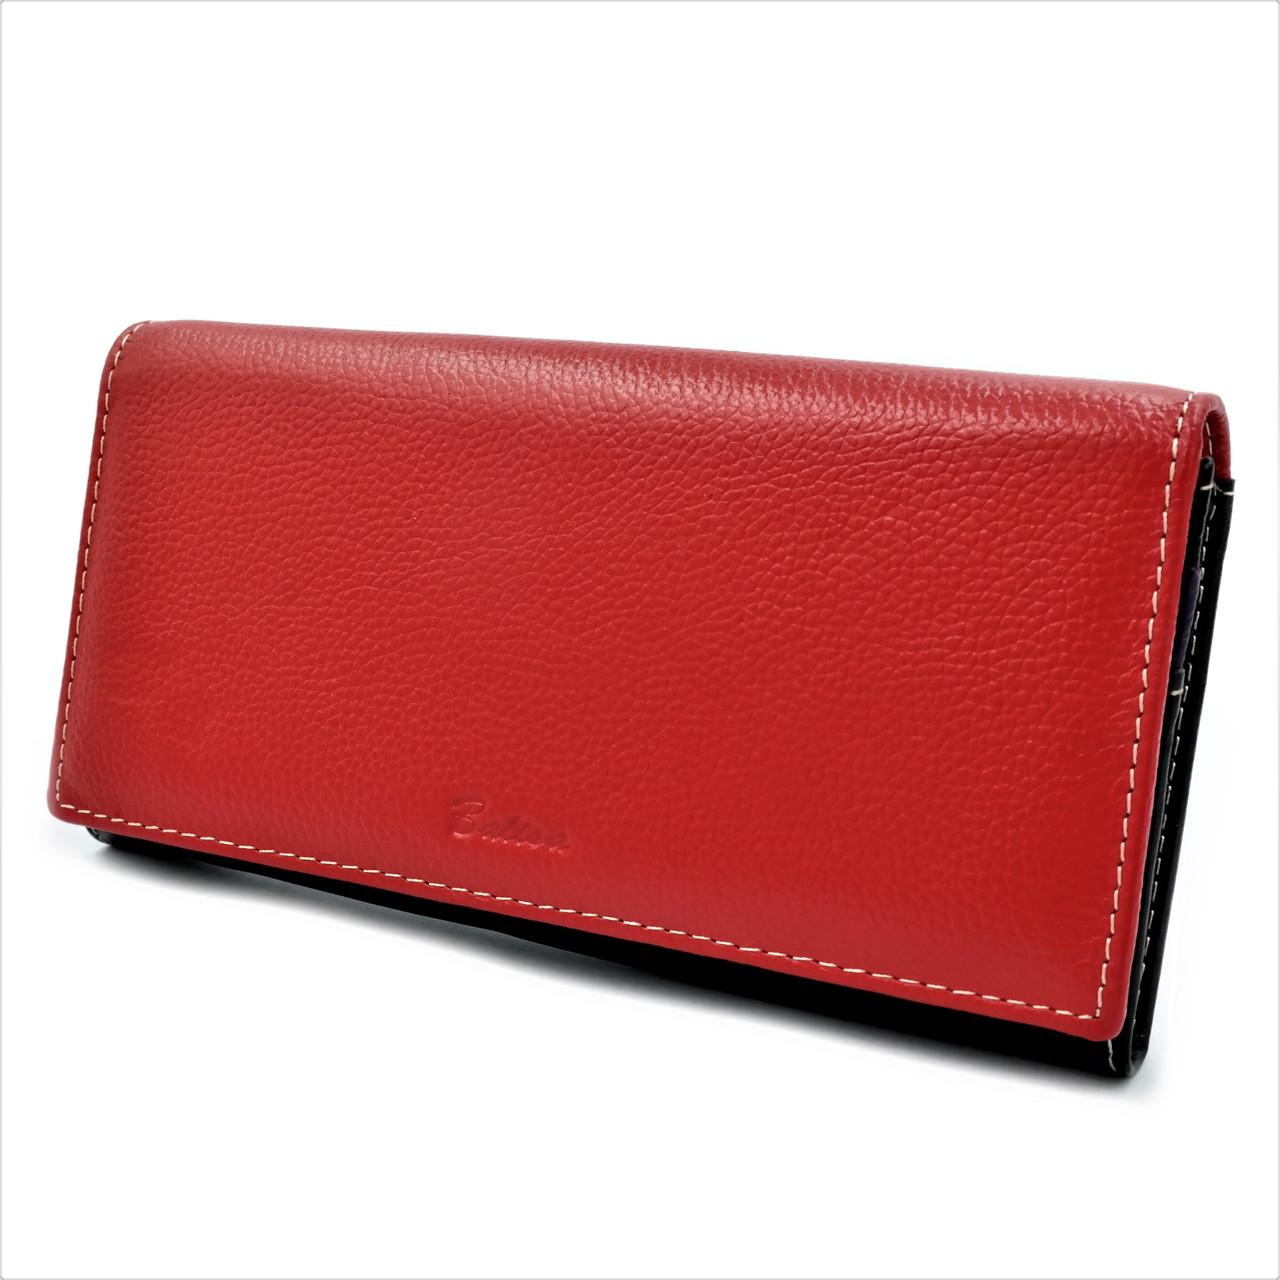 Женский кожаный кошелек Красный + Чёрный Удобный кошелек для девушки Женский кошелек портмоне из кожи